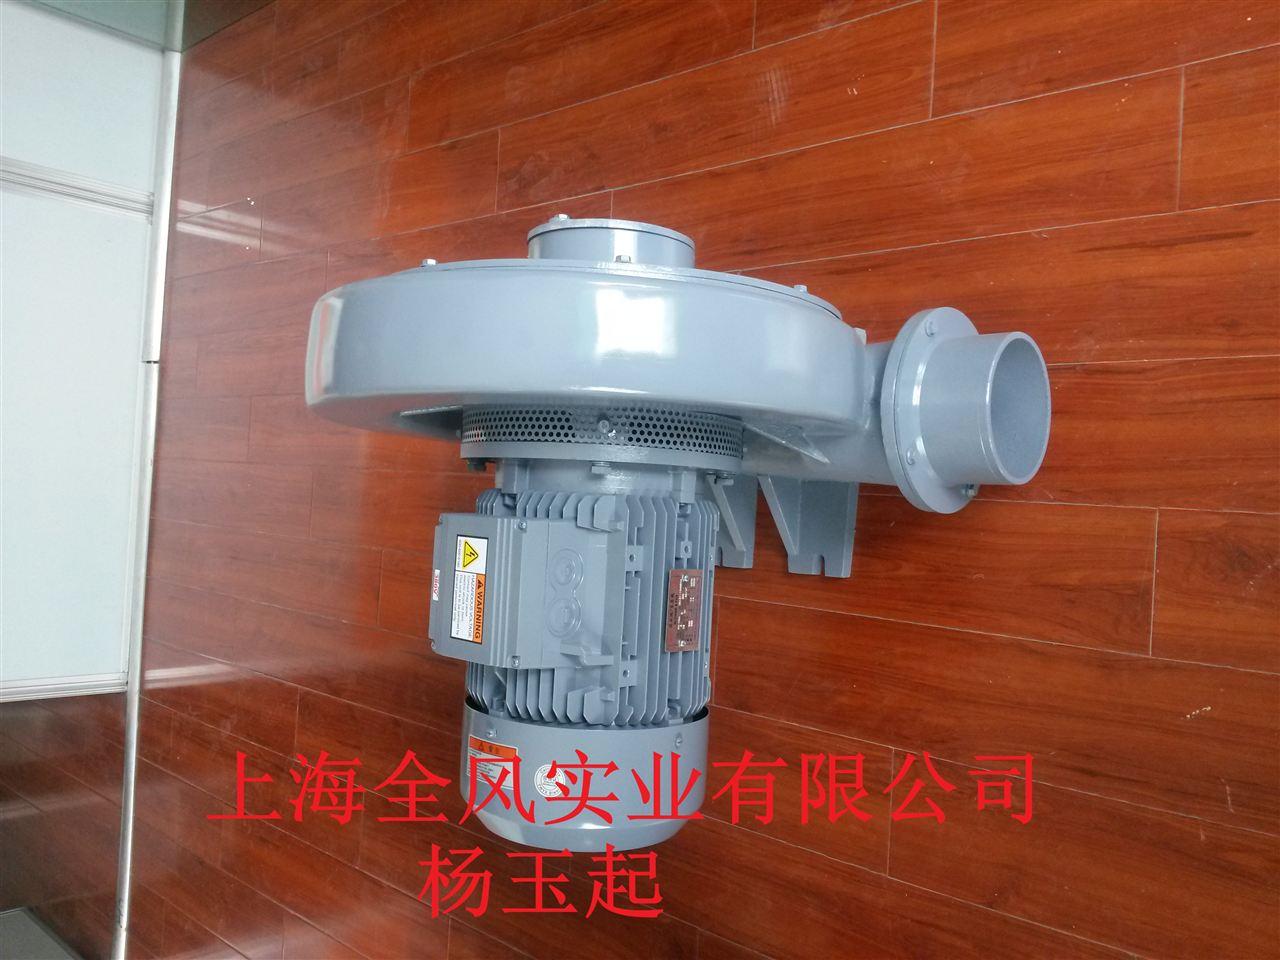 高压气泵是吹吸两用的旋涡气泵,高压气泵特殊的叶片设计,具有压力高、风量大、低噪音、耐高温等特点。气泵绝缘性能强,安装容易,稳定性高。通过的气体无油、干燥。 涡旋气泵-真空高压气泵高压和高吸力的产生在于叶轮独特的设计。 高压气泵的叶轮边缘带有多个叶片,当叶轮旋转时,由于离心作用,两个叶片中的空气被快速地往外缘方向运动,传转输能量,风压被快速叠加,便形成了高压或高力其速度得到增加。当空气被风道重新导入叶轮后,将再次被加速。由于多个叶片传转能量,风压被快速叠加,便形成了高压或高吸力。 漩涡高压气泵,中压气泵,